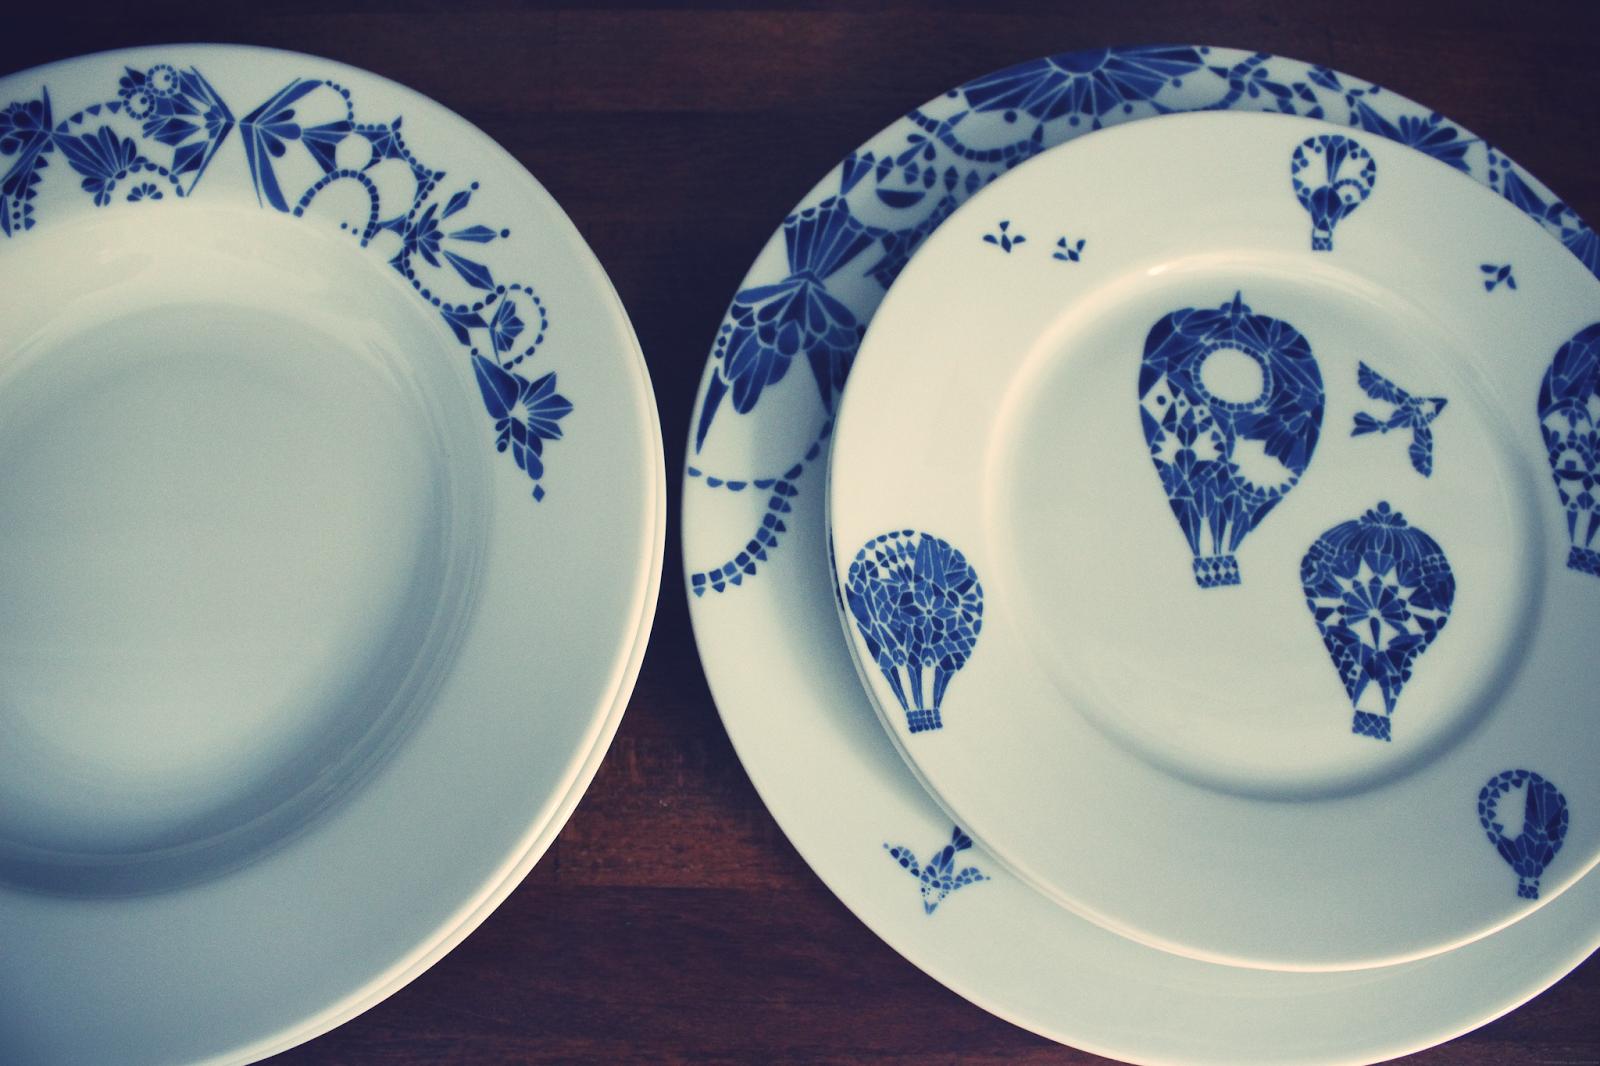 assiettes bleues et blanches table de cuisine. Black Bedroom Furniture Sets. Home Design Ideas